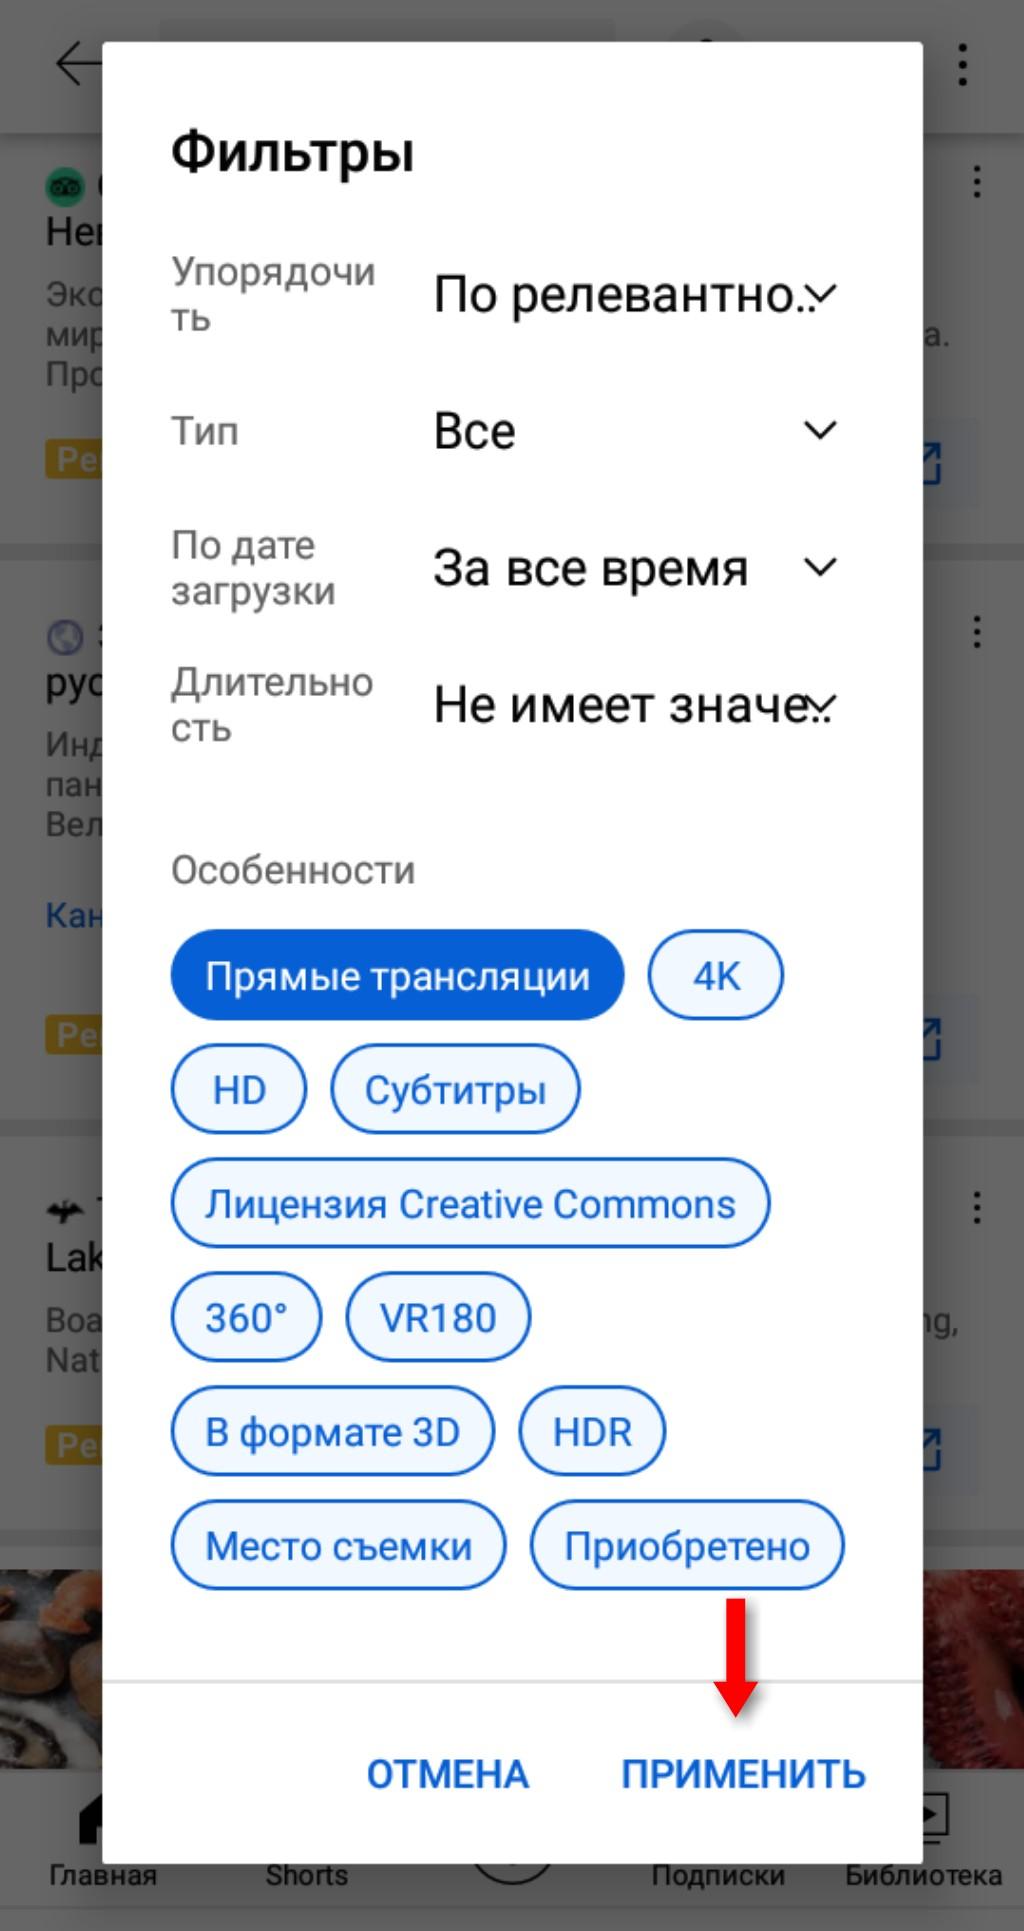 InFrame_1628015790372.jpg